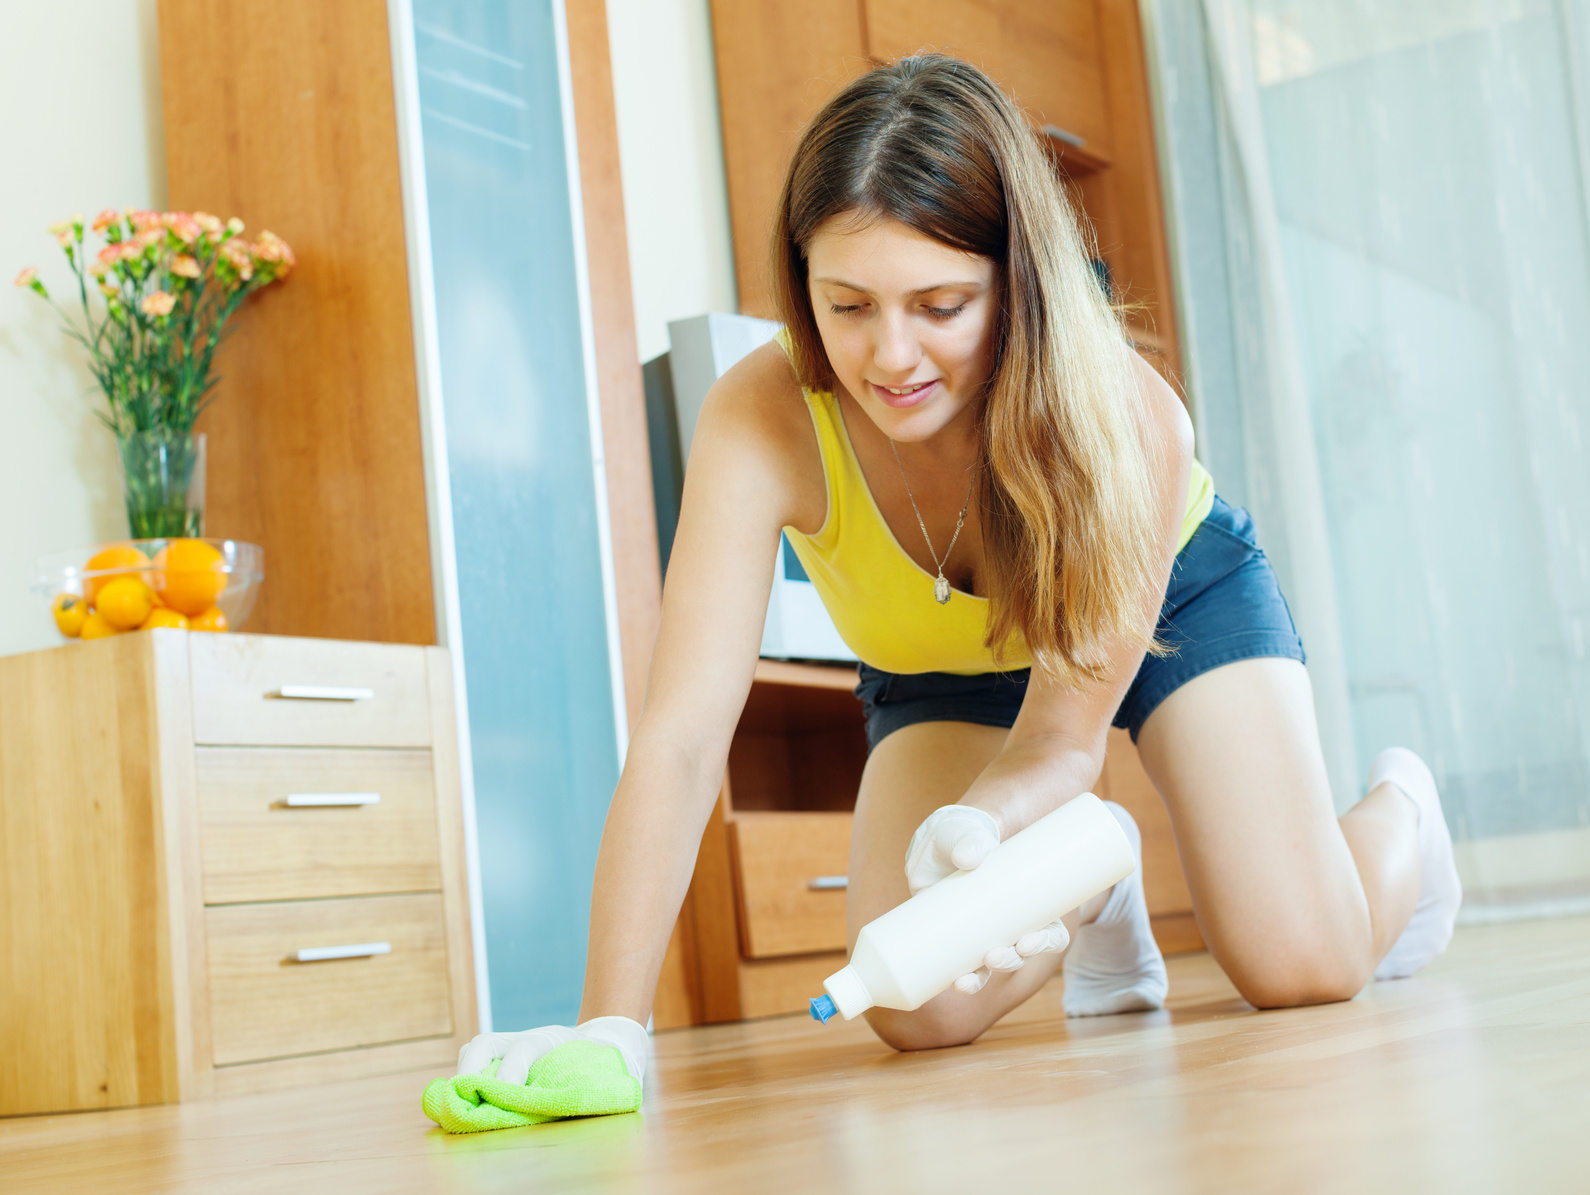 Les diff rents traitements pour les diff rents sols for Differents sols maison